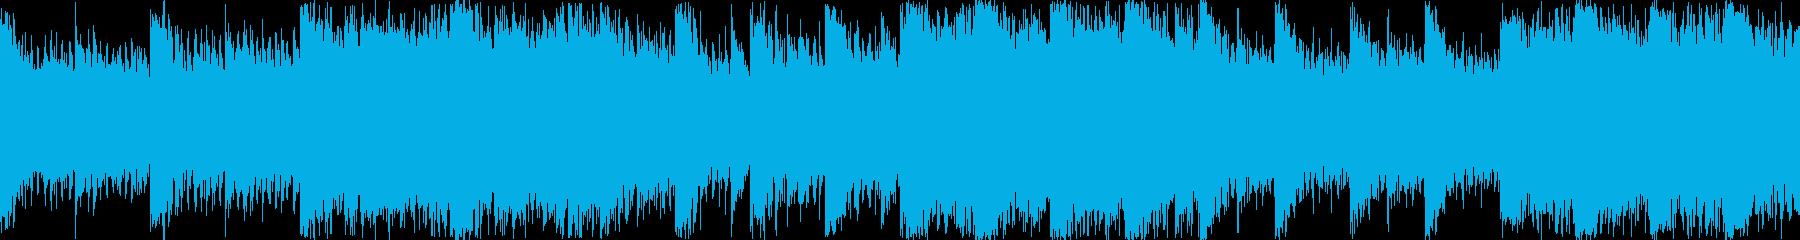 アコースティックセンチメンタル#01−4の再生済みの波形